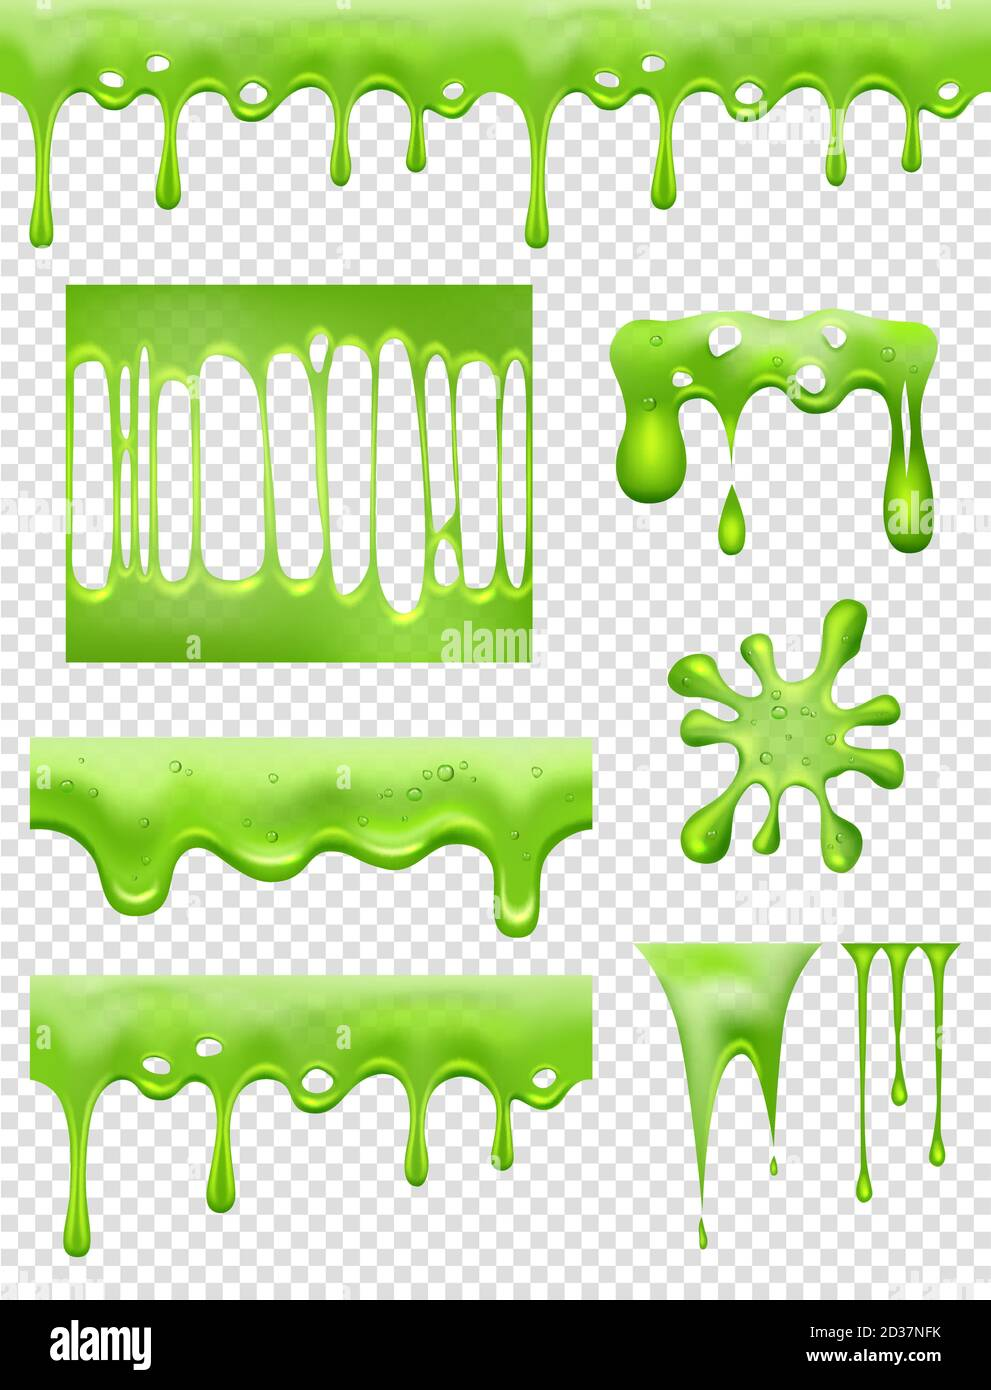 Cal. Imágenes vectoriales de inmersión de pegamento verde y flujo de gotas de líquido y salpicaduras tóxicas Ilustración del Vector